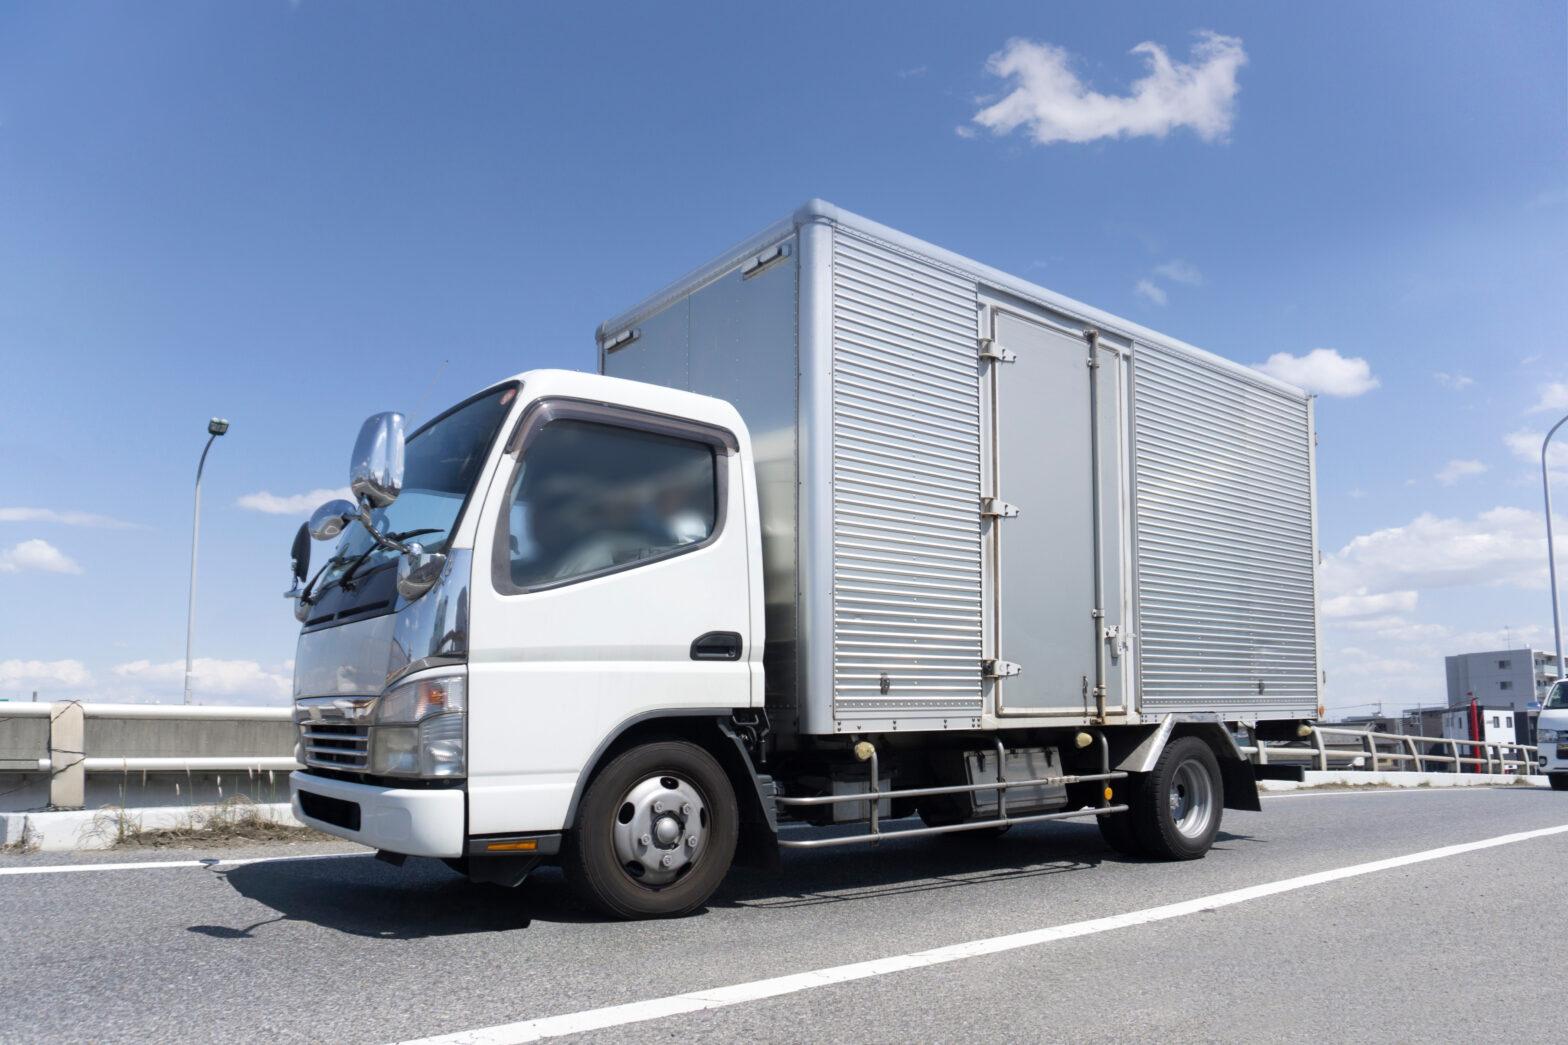 普通免許でトラックの積載量は何トンまで運転できる?免許取得日で変わる【2021年最新情報】